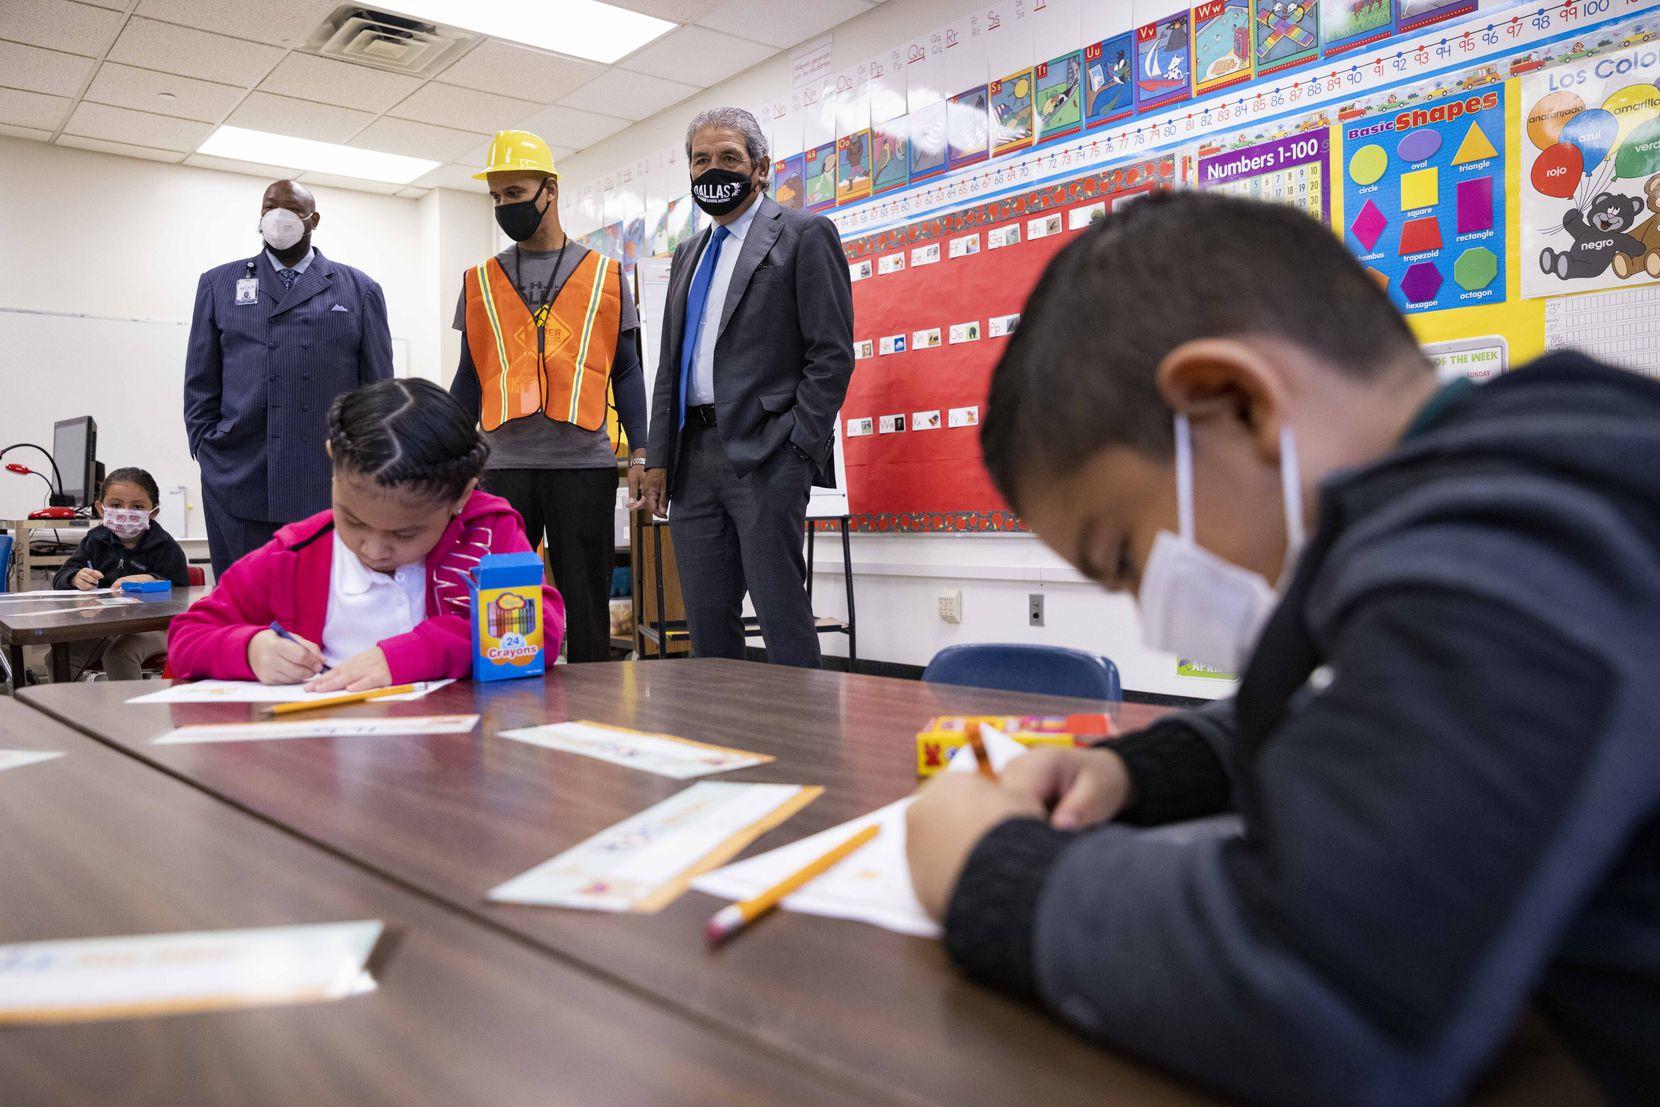 El superintendente Michael Hinojosa visita un aula de la primaria H.I. Holland que fue una de las primeras in iniciar clases. Esta escuela busca recuperar algo del tiempo perdido durante la pandemia para igualar el aprendizaje de sus estudiantes hasta el fin de este ciclo escolar.